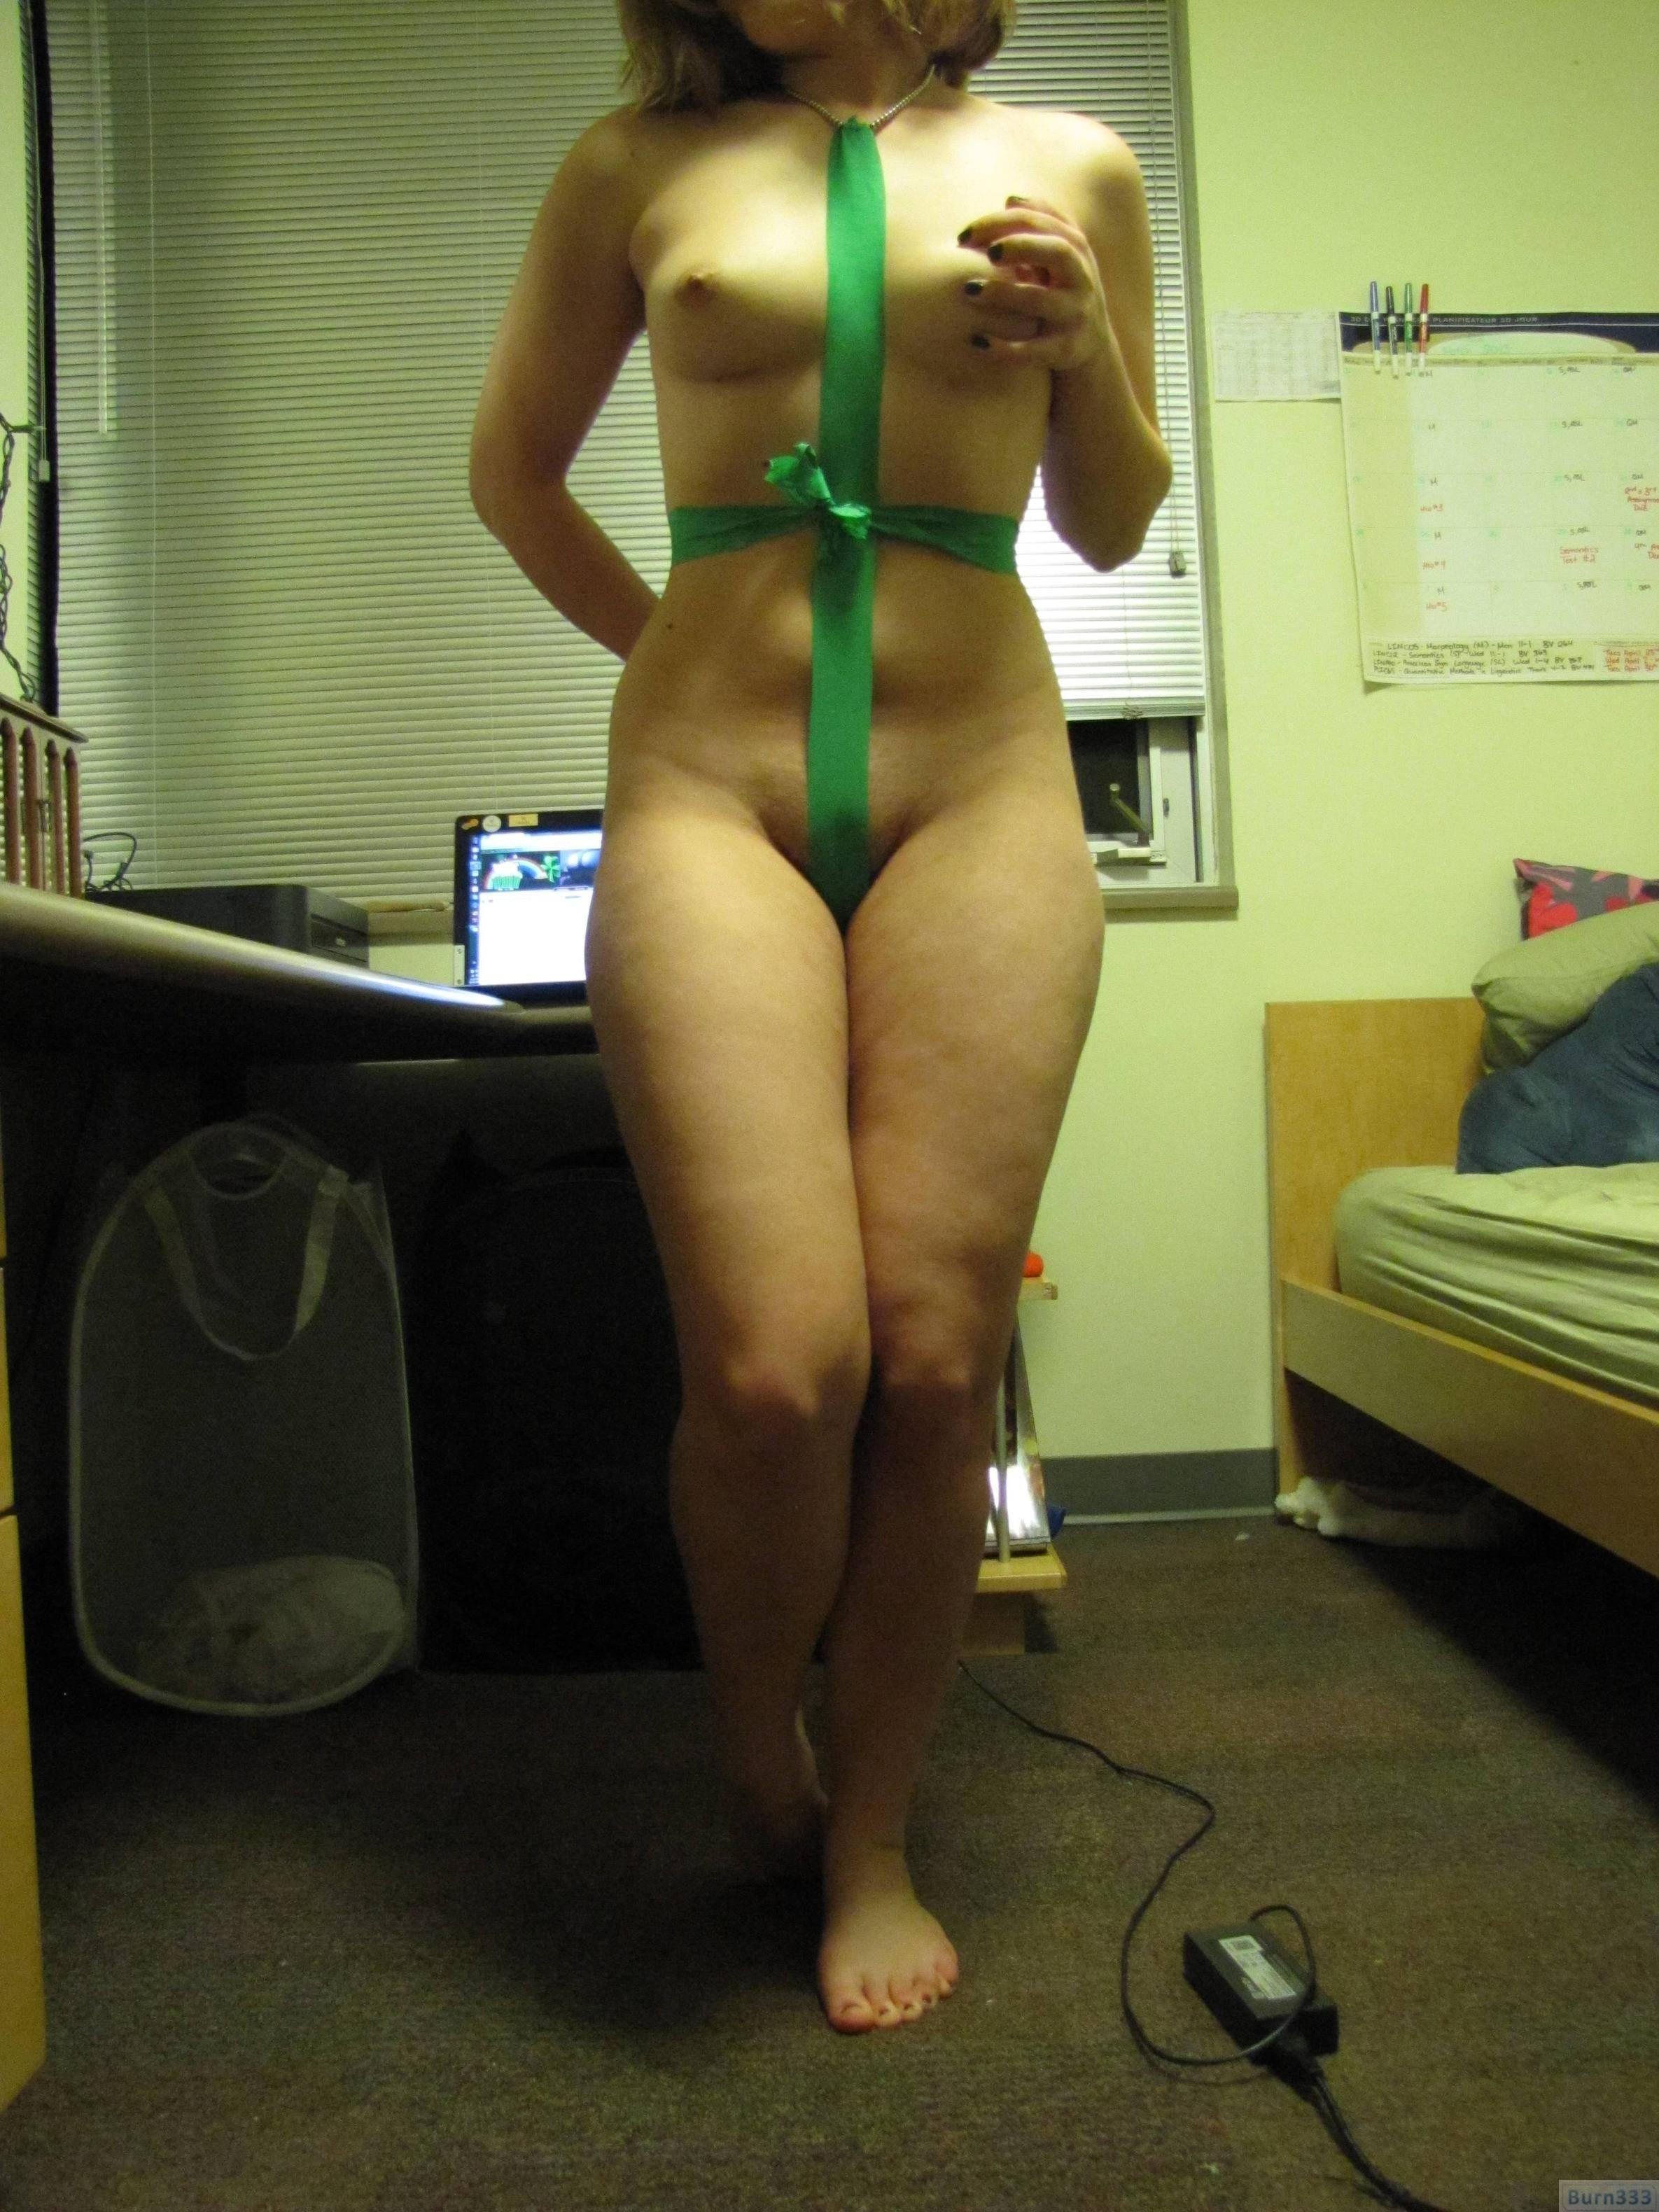 孕ませたくなるドスケベな下着した人妻のエロ画像wwwwwwwwww 2383